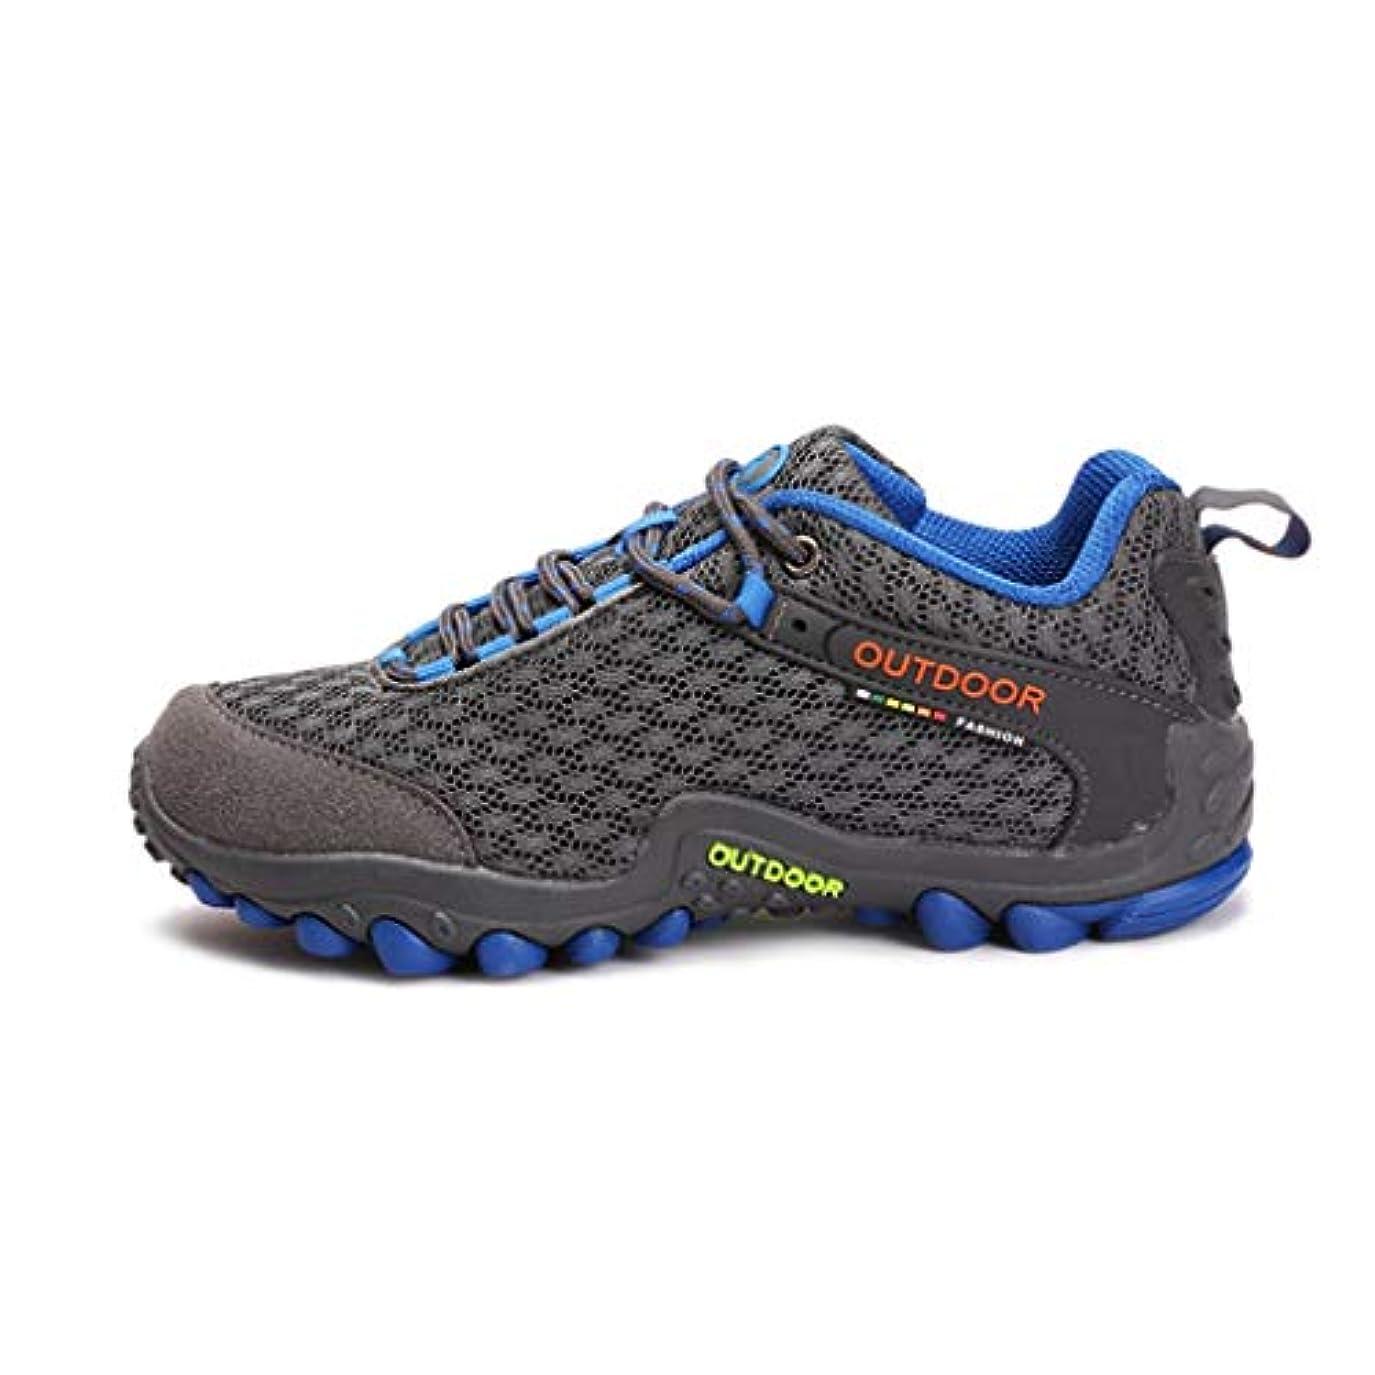 加速度選択するビット[SENNIAN] アウトドアシューズ ハイキング メンズ 通気 吸汗 柔軟 レースアップ 優れた 登山 軽量軽量 耐摩耗性 スポーツシューズ 山歩き キャンプトレッキング 四季通用 レディース ハイキングシューズ